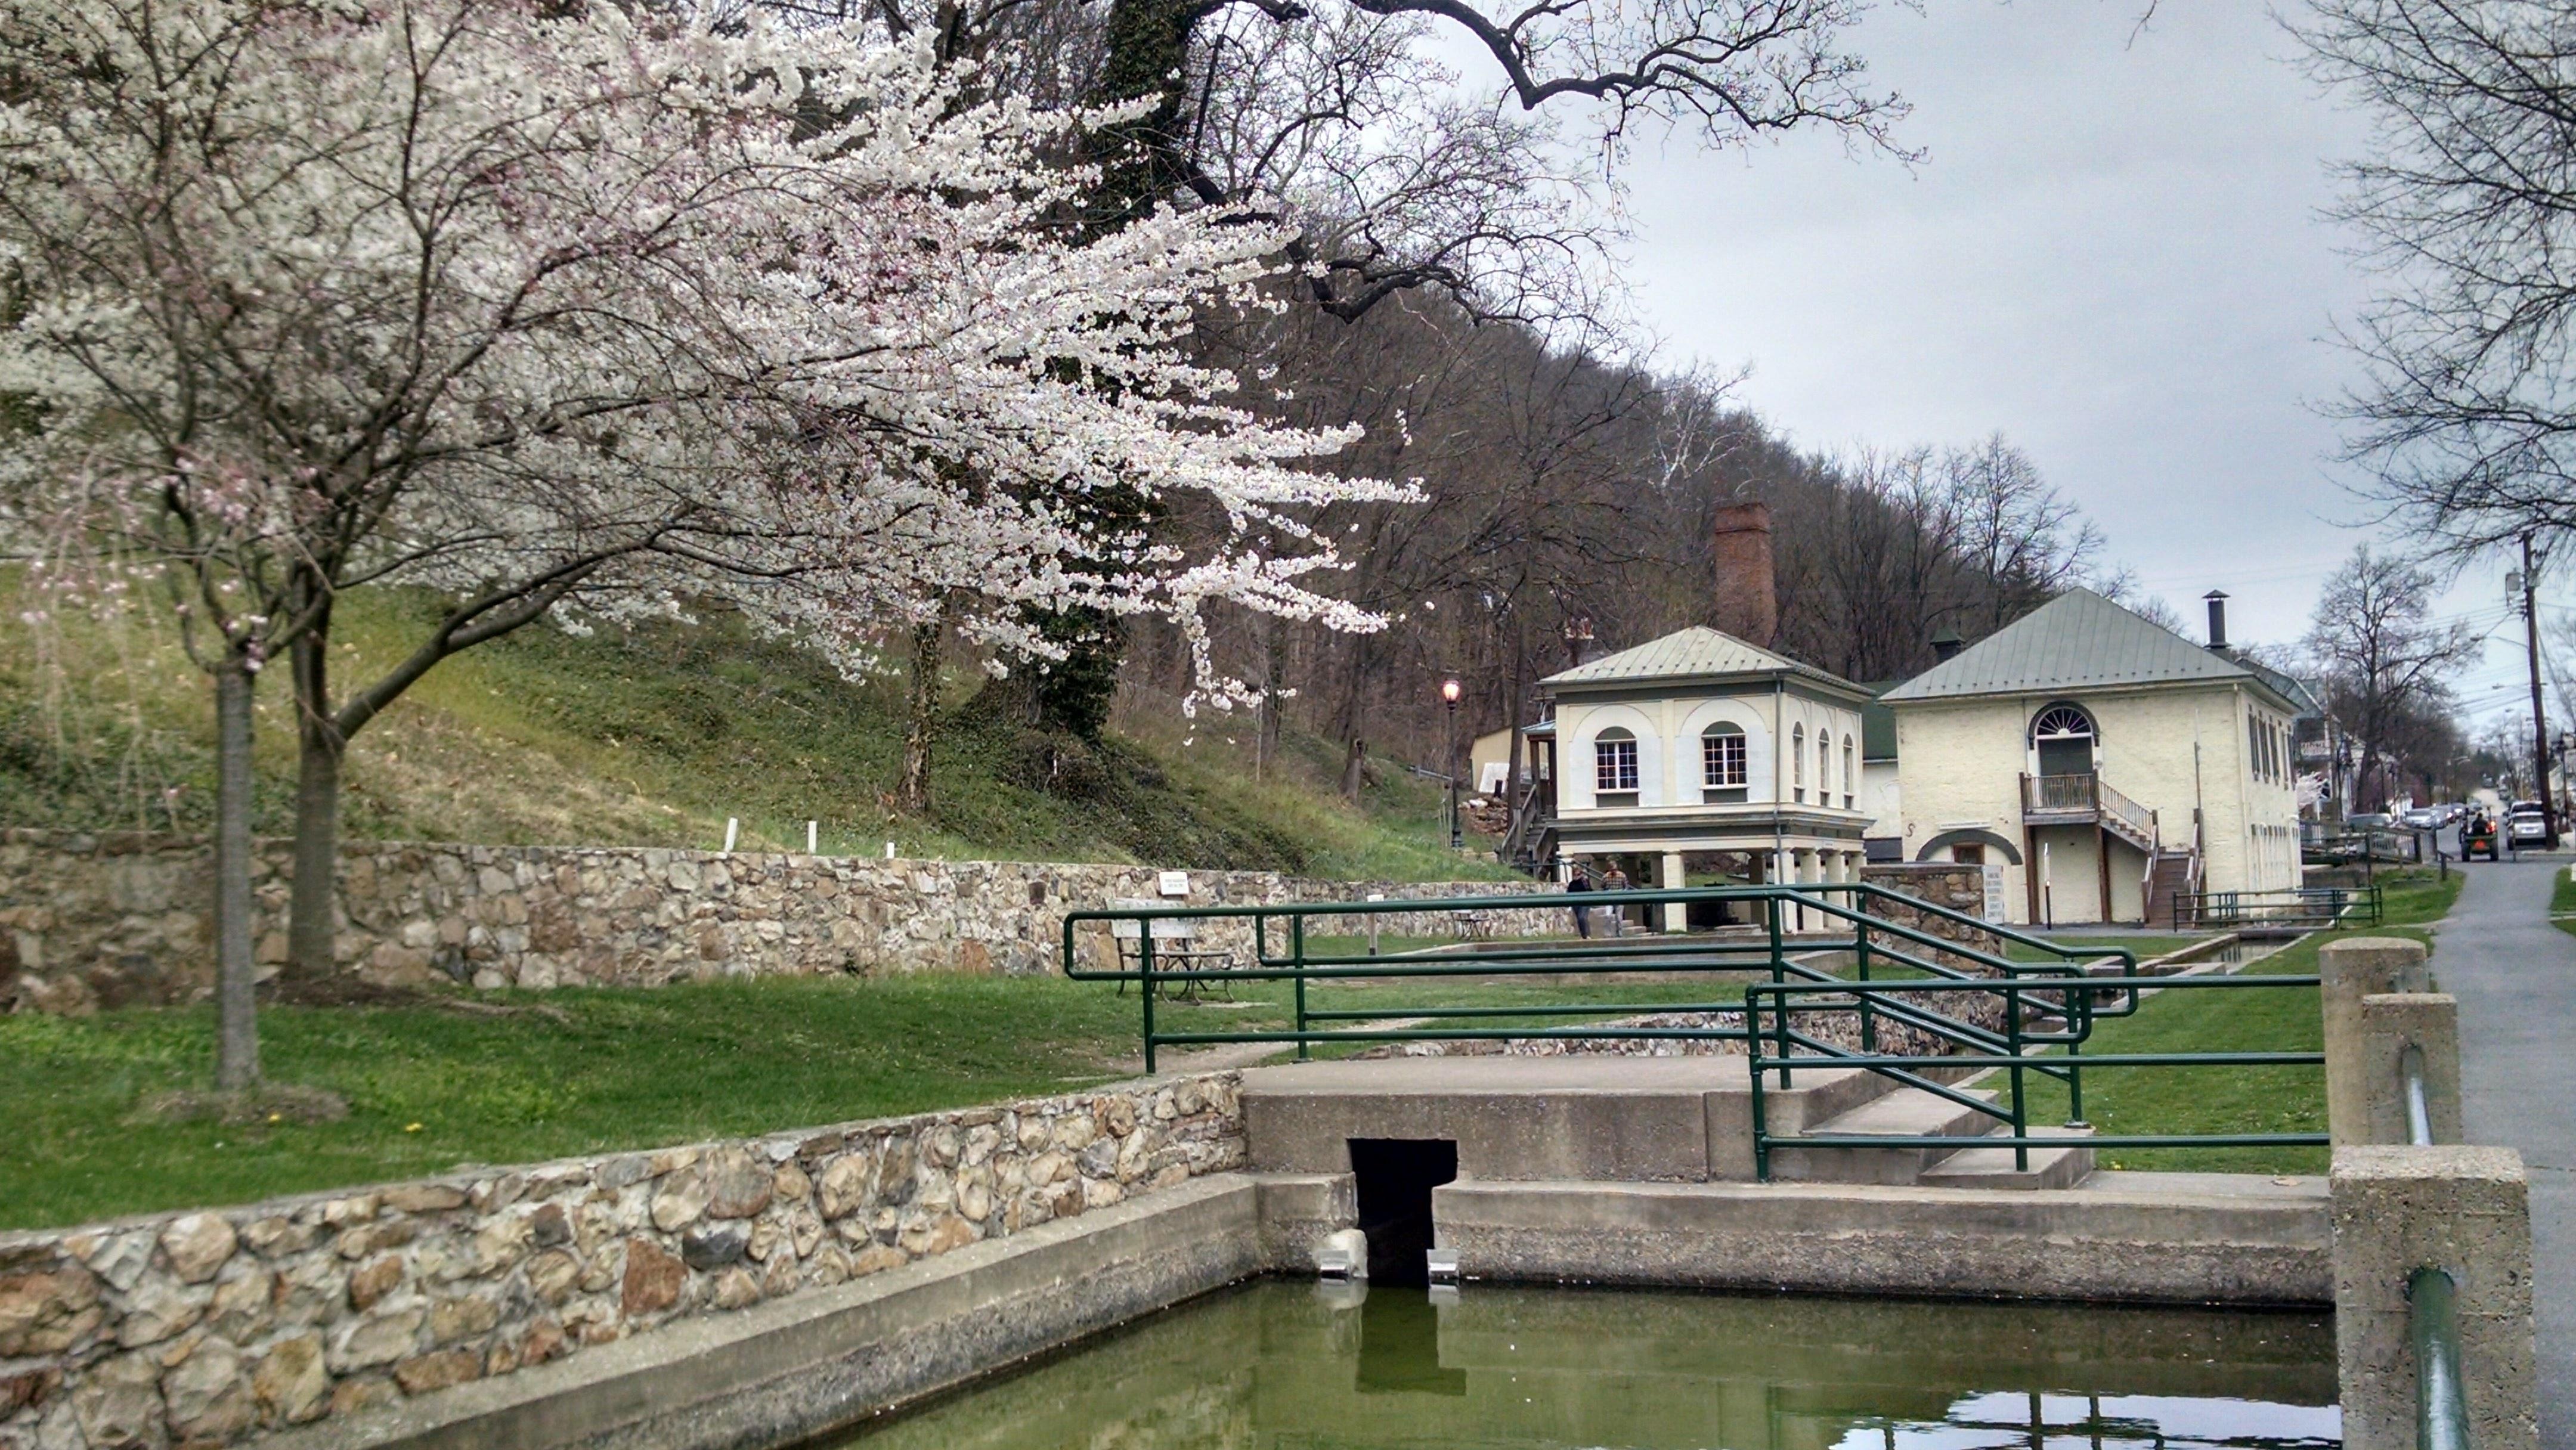 Spring trees in bloom at Berkeley Springs State Park, WV